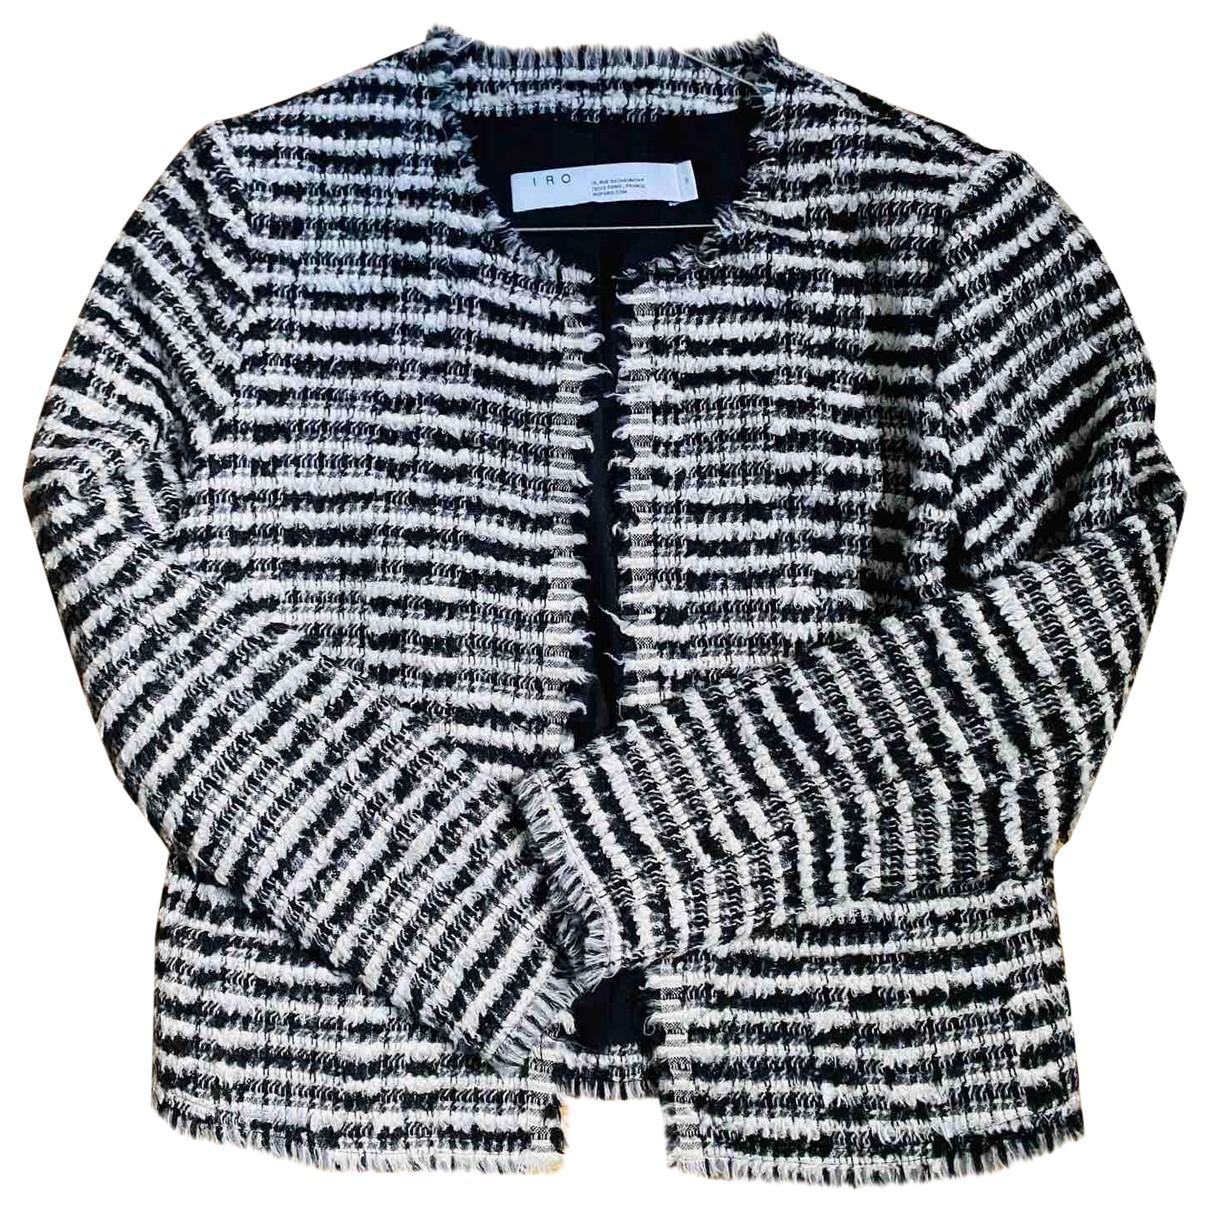 Iro - Veste Fall Winter 2019 pour femme en laine - noir